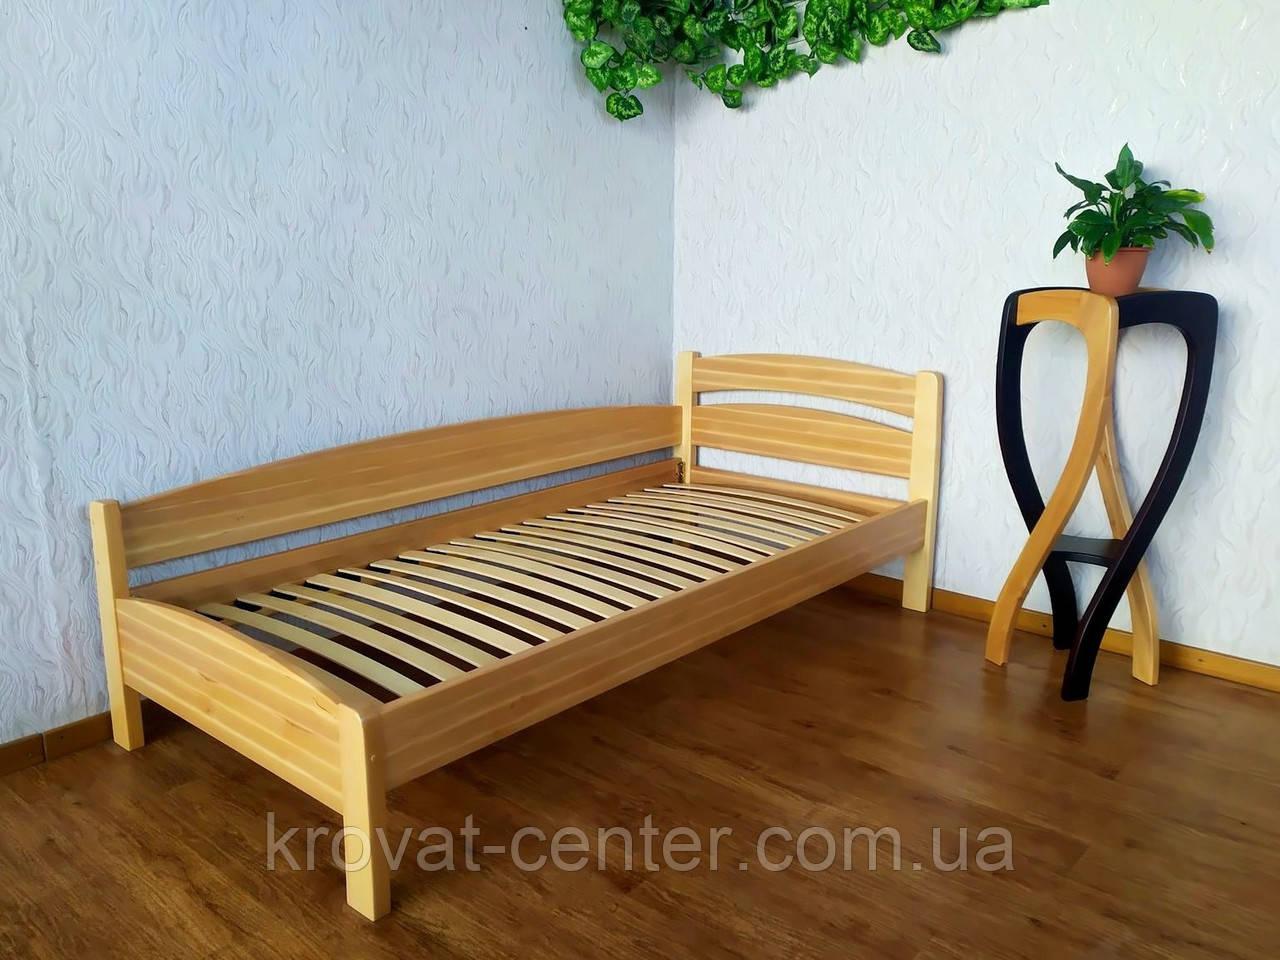 """Ліжко односпальне з масиву дерева """"Березня - 2"""" від виробника"""